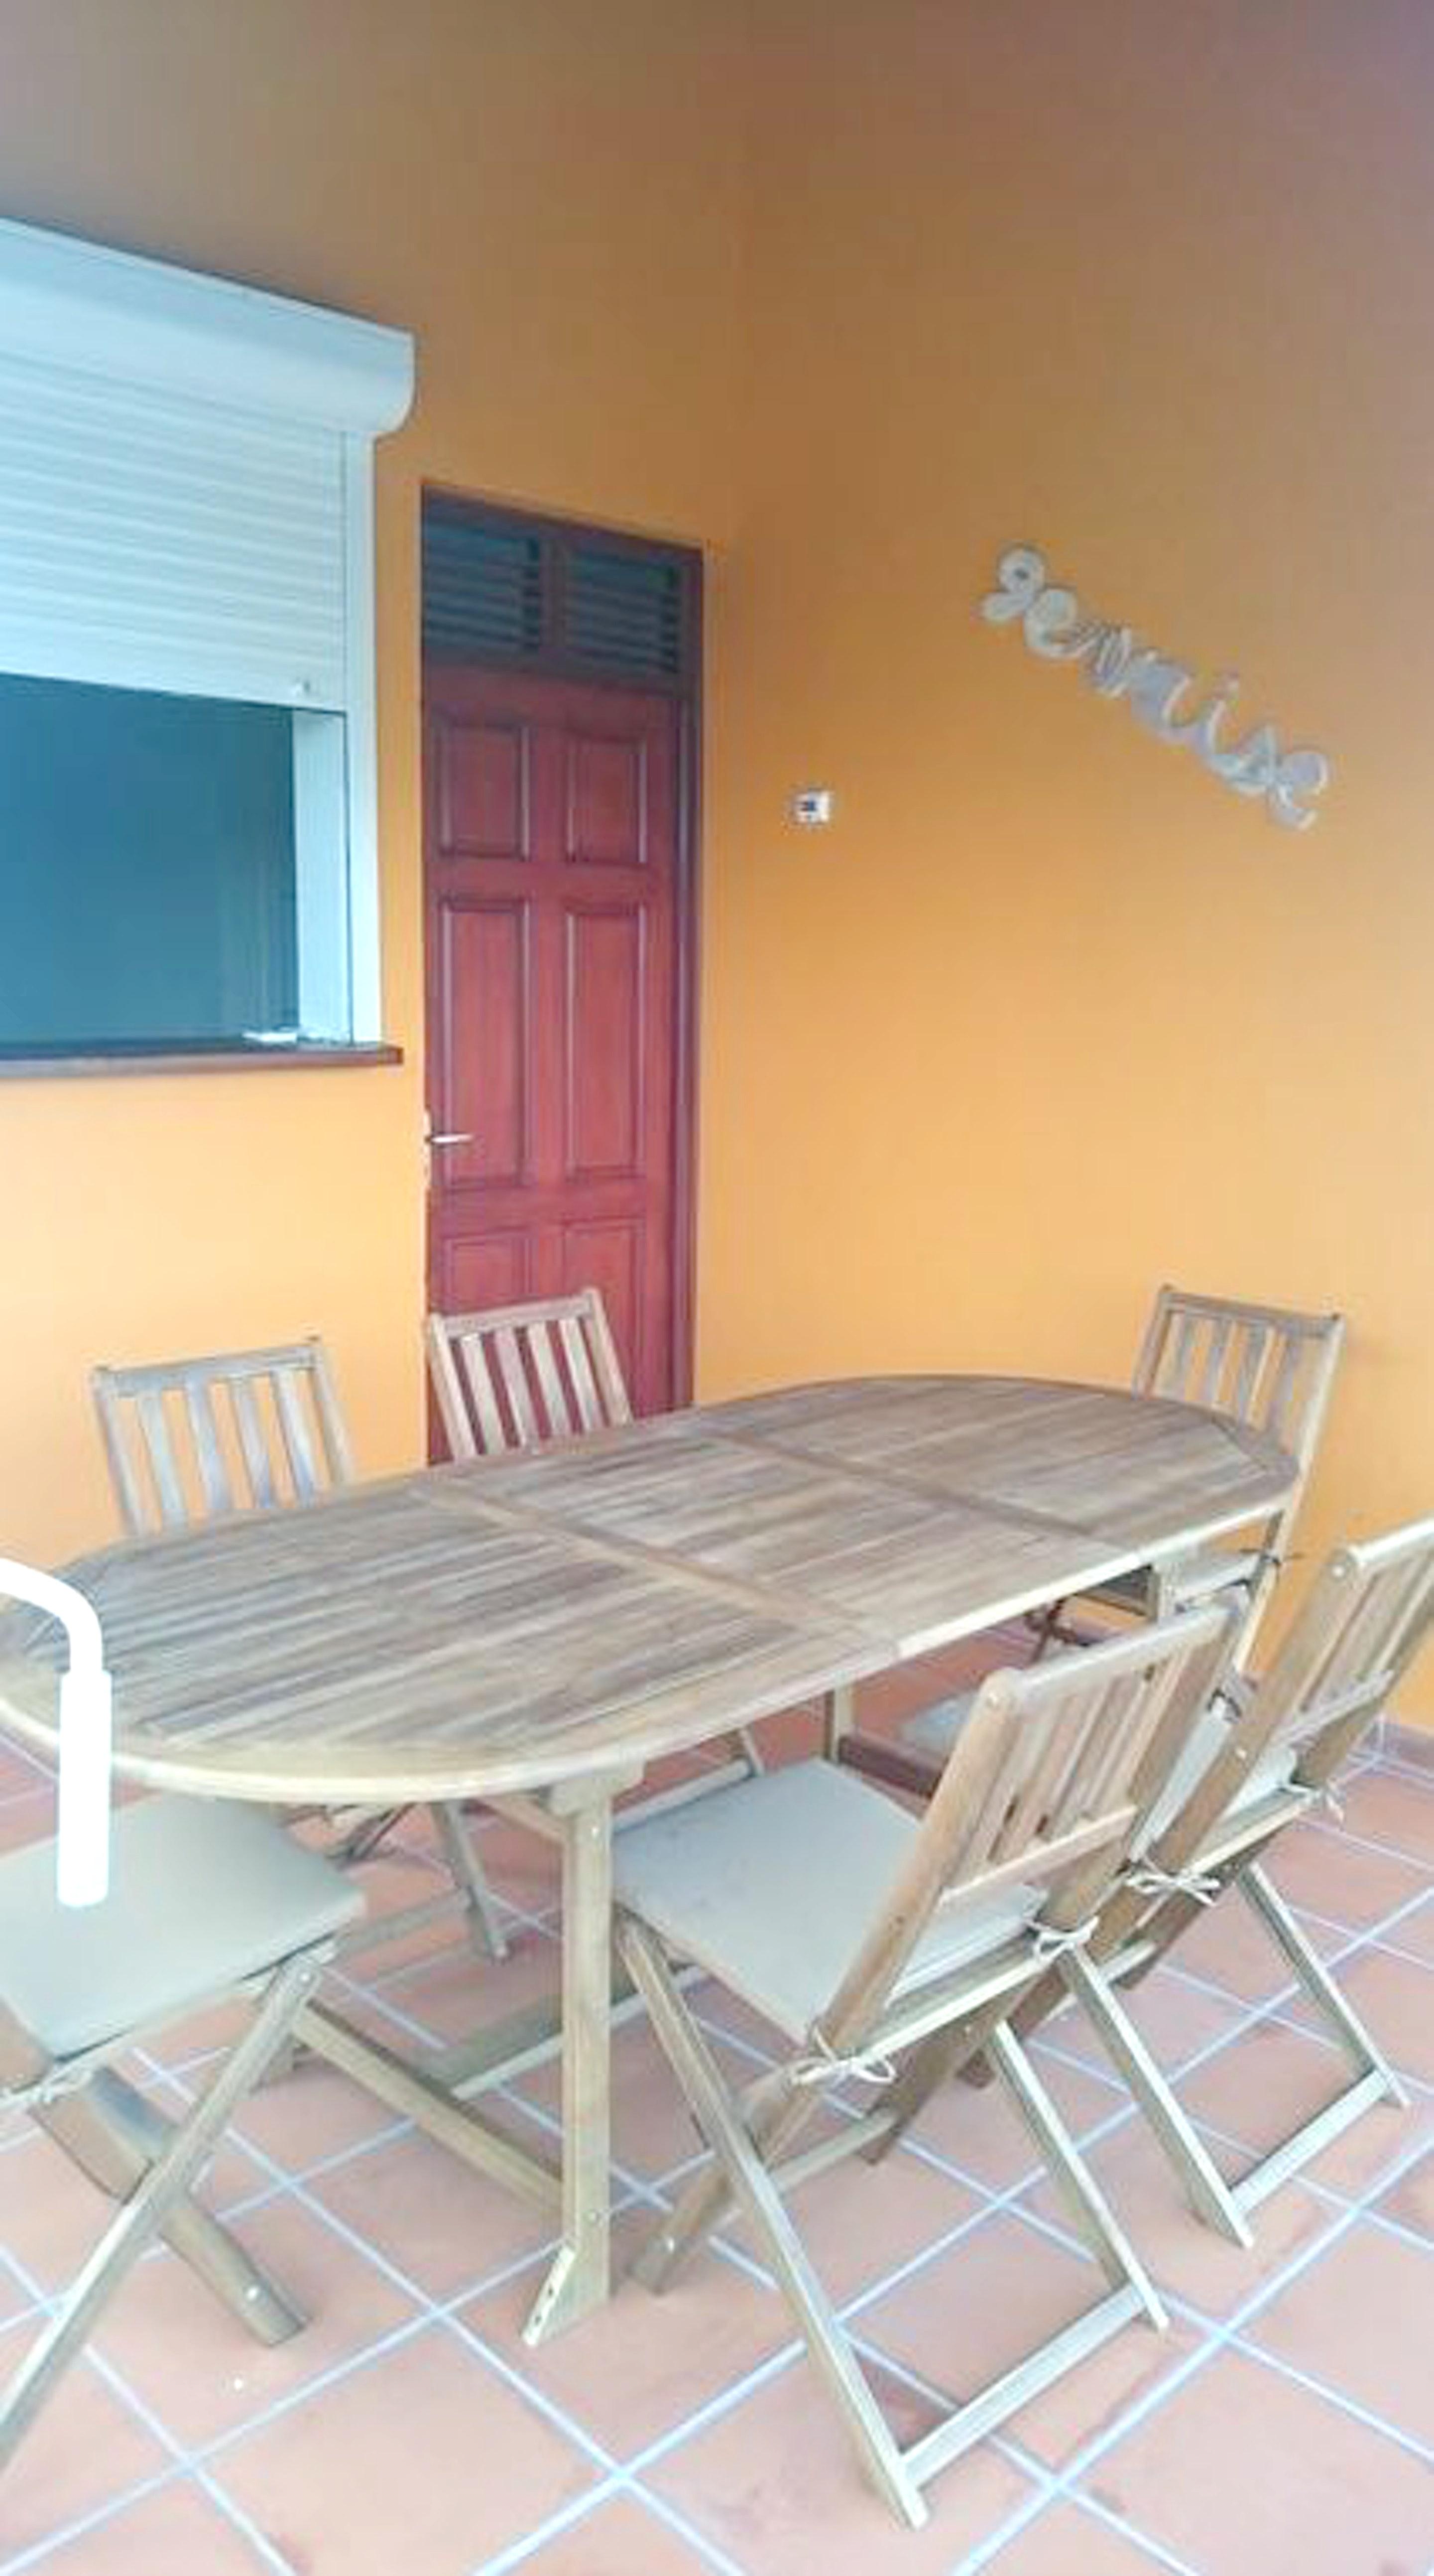 Haus mit 2 Schlafzimmern in Ste Anne mit herrliche Ferienhaus in Guadeloupe